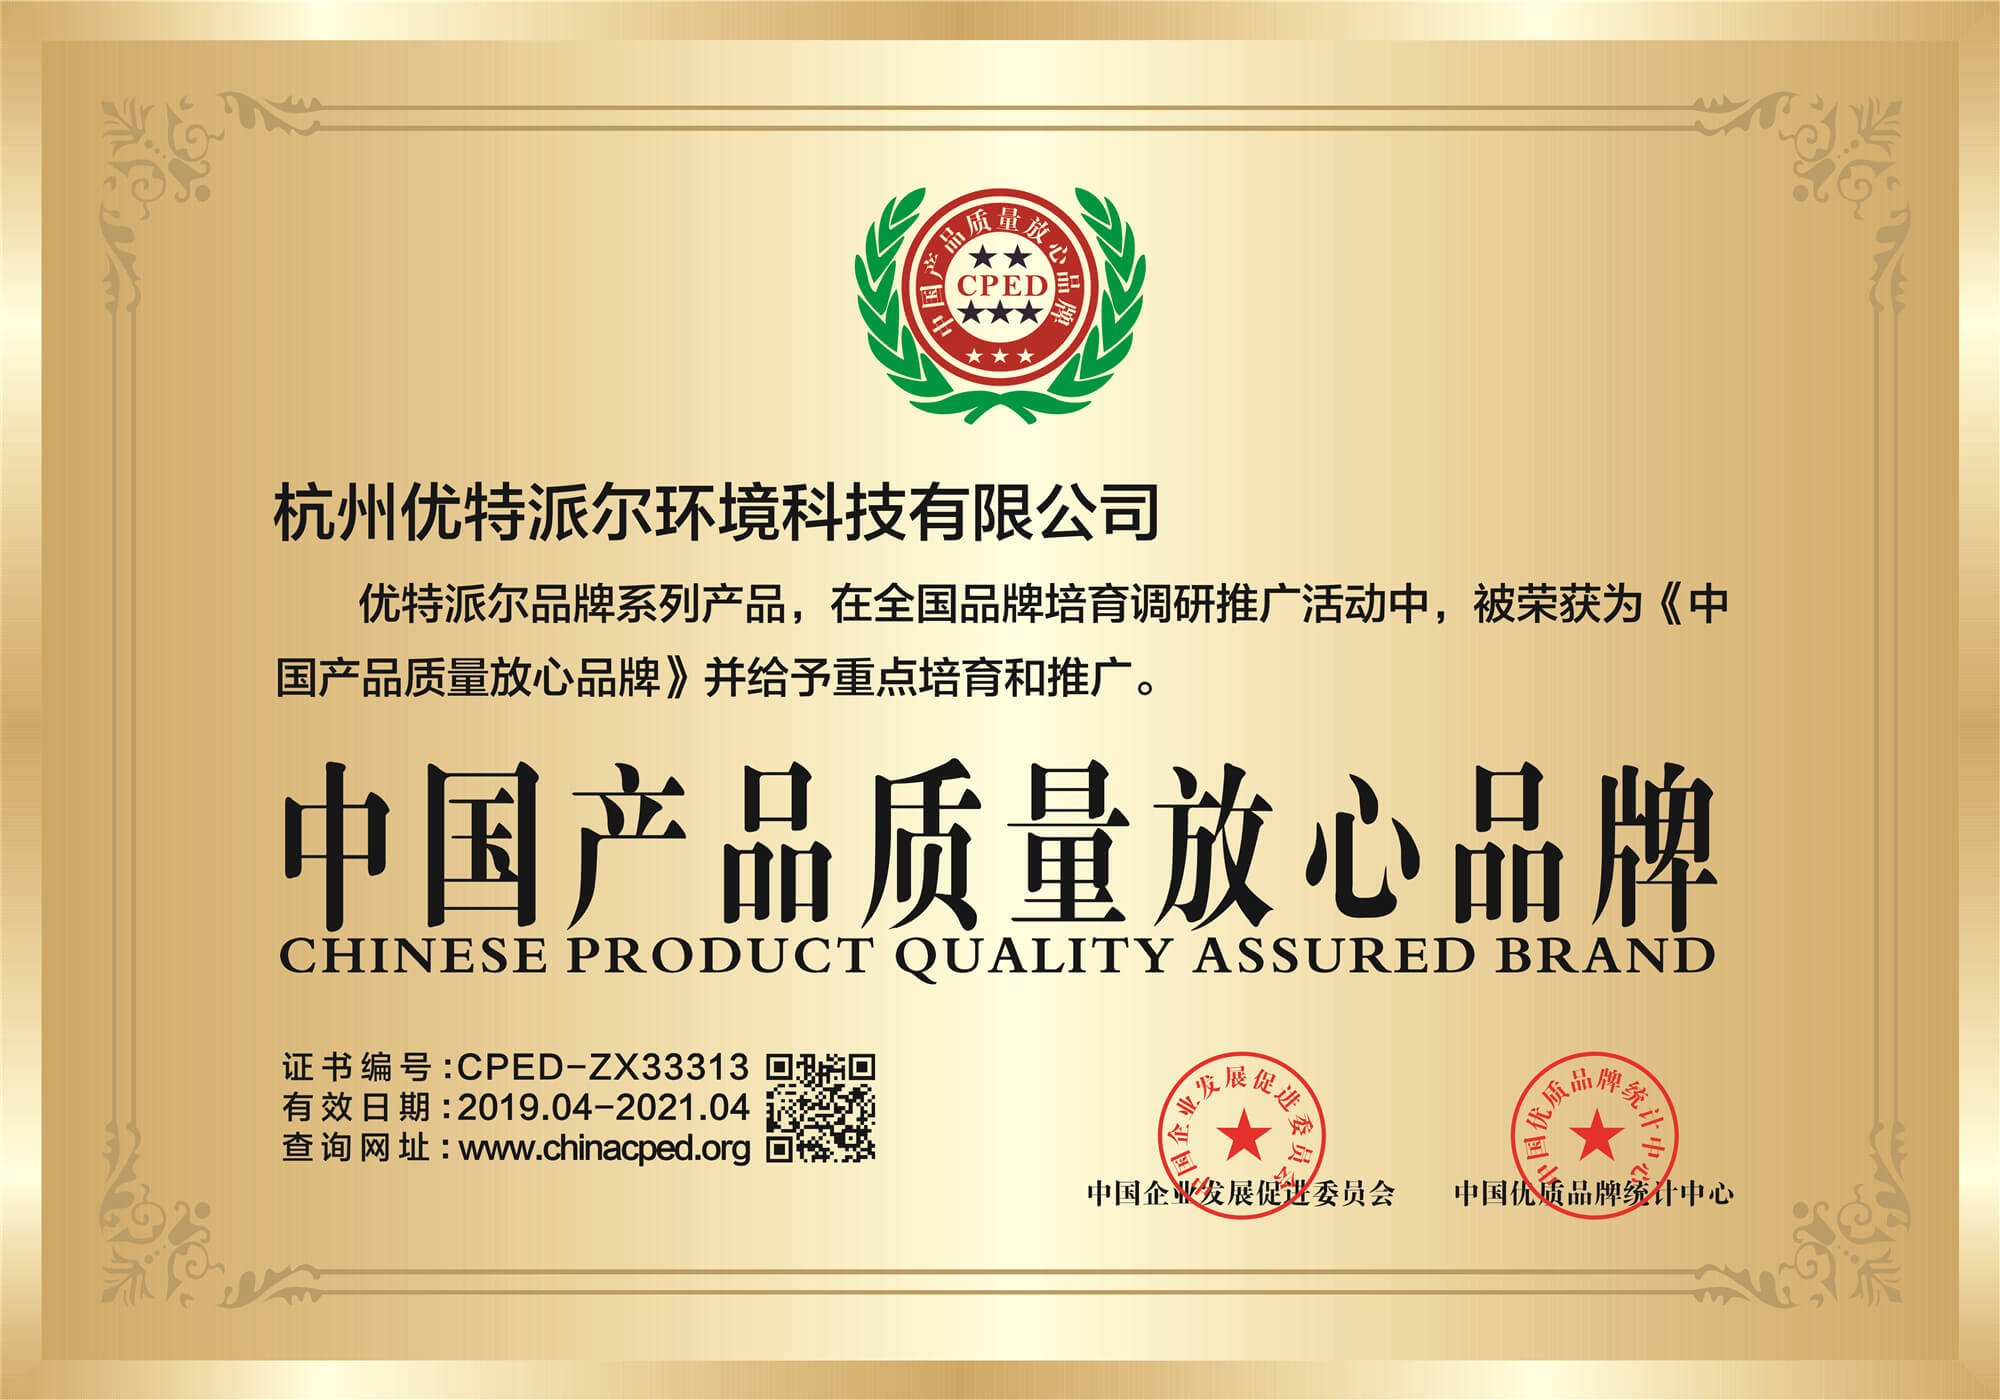 中国产品质量放心品牌